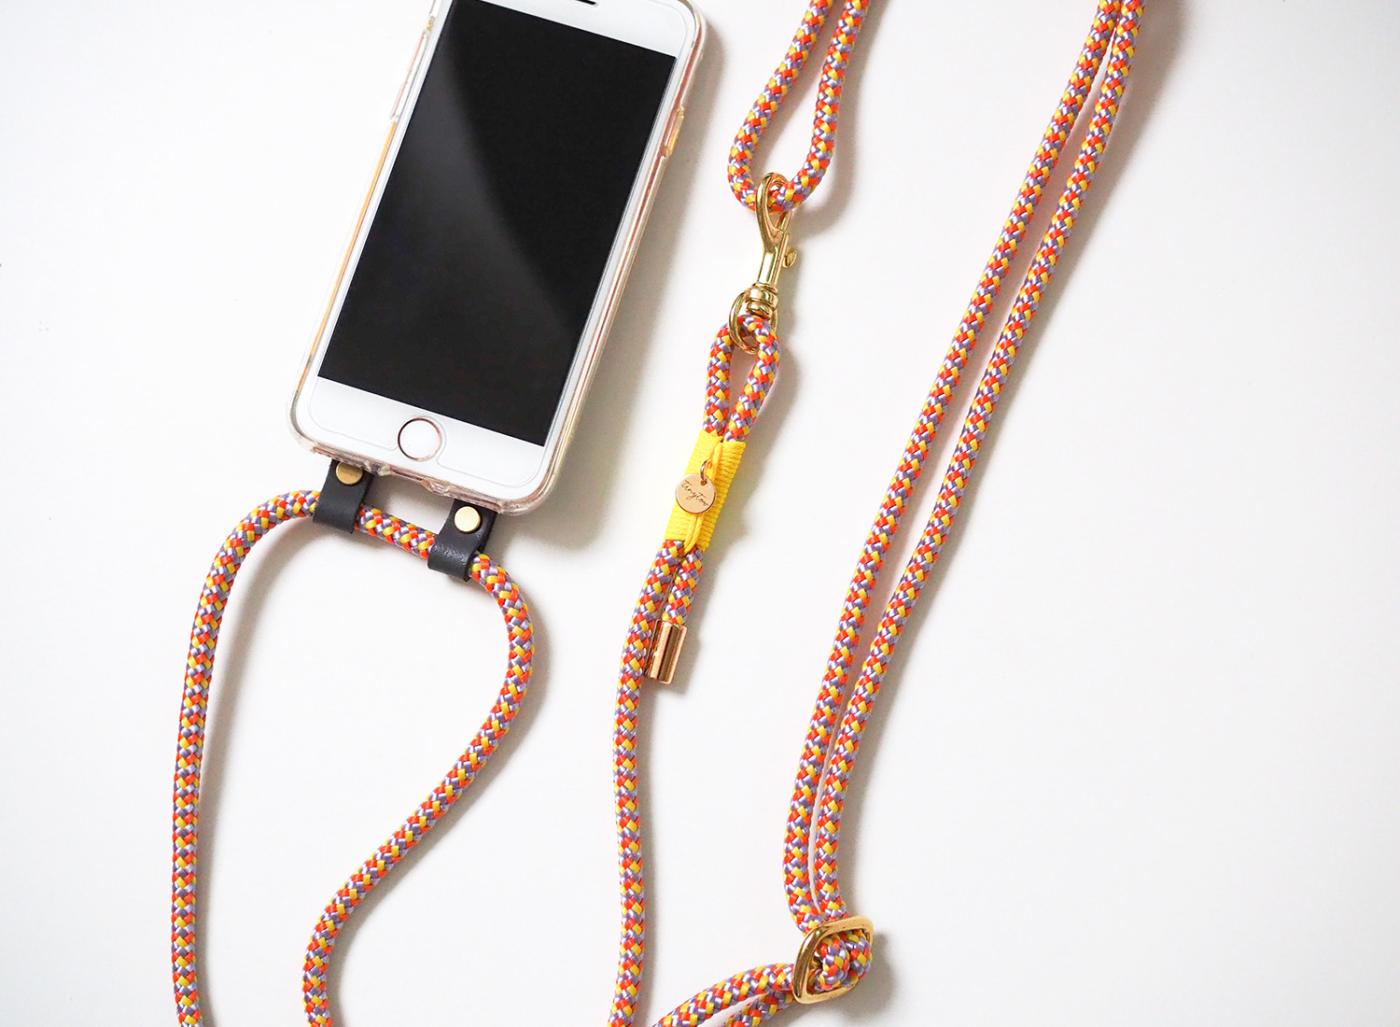 Handyhülle zum Umhängen - Crossbody Handytau in gelb/orange für alle iPhone Modelle.